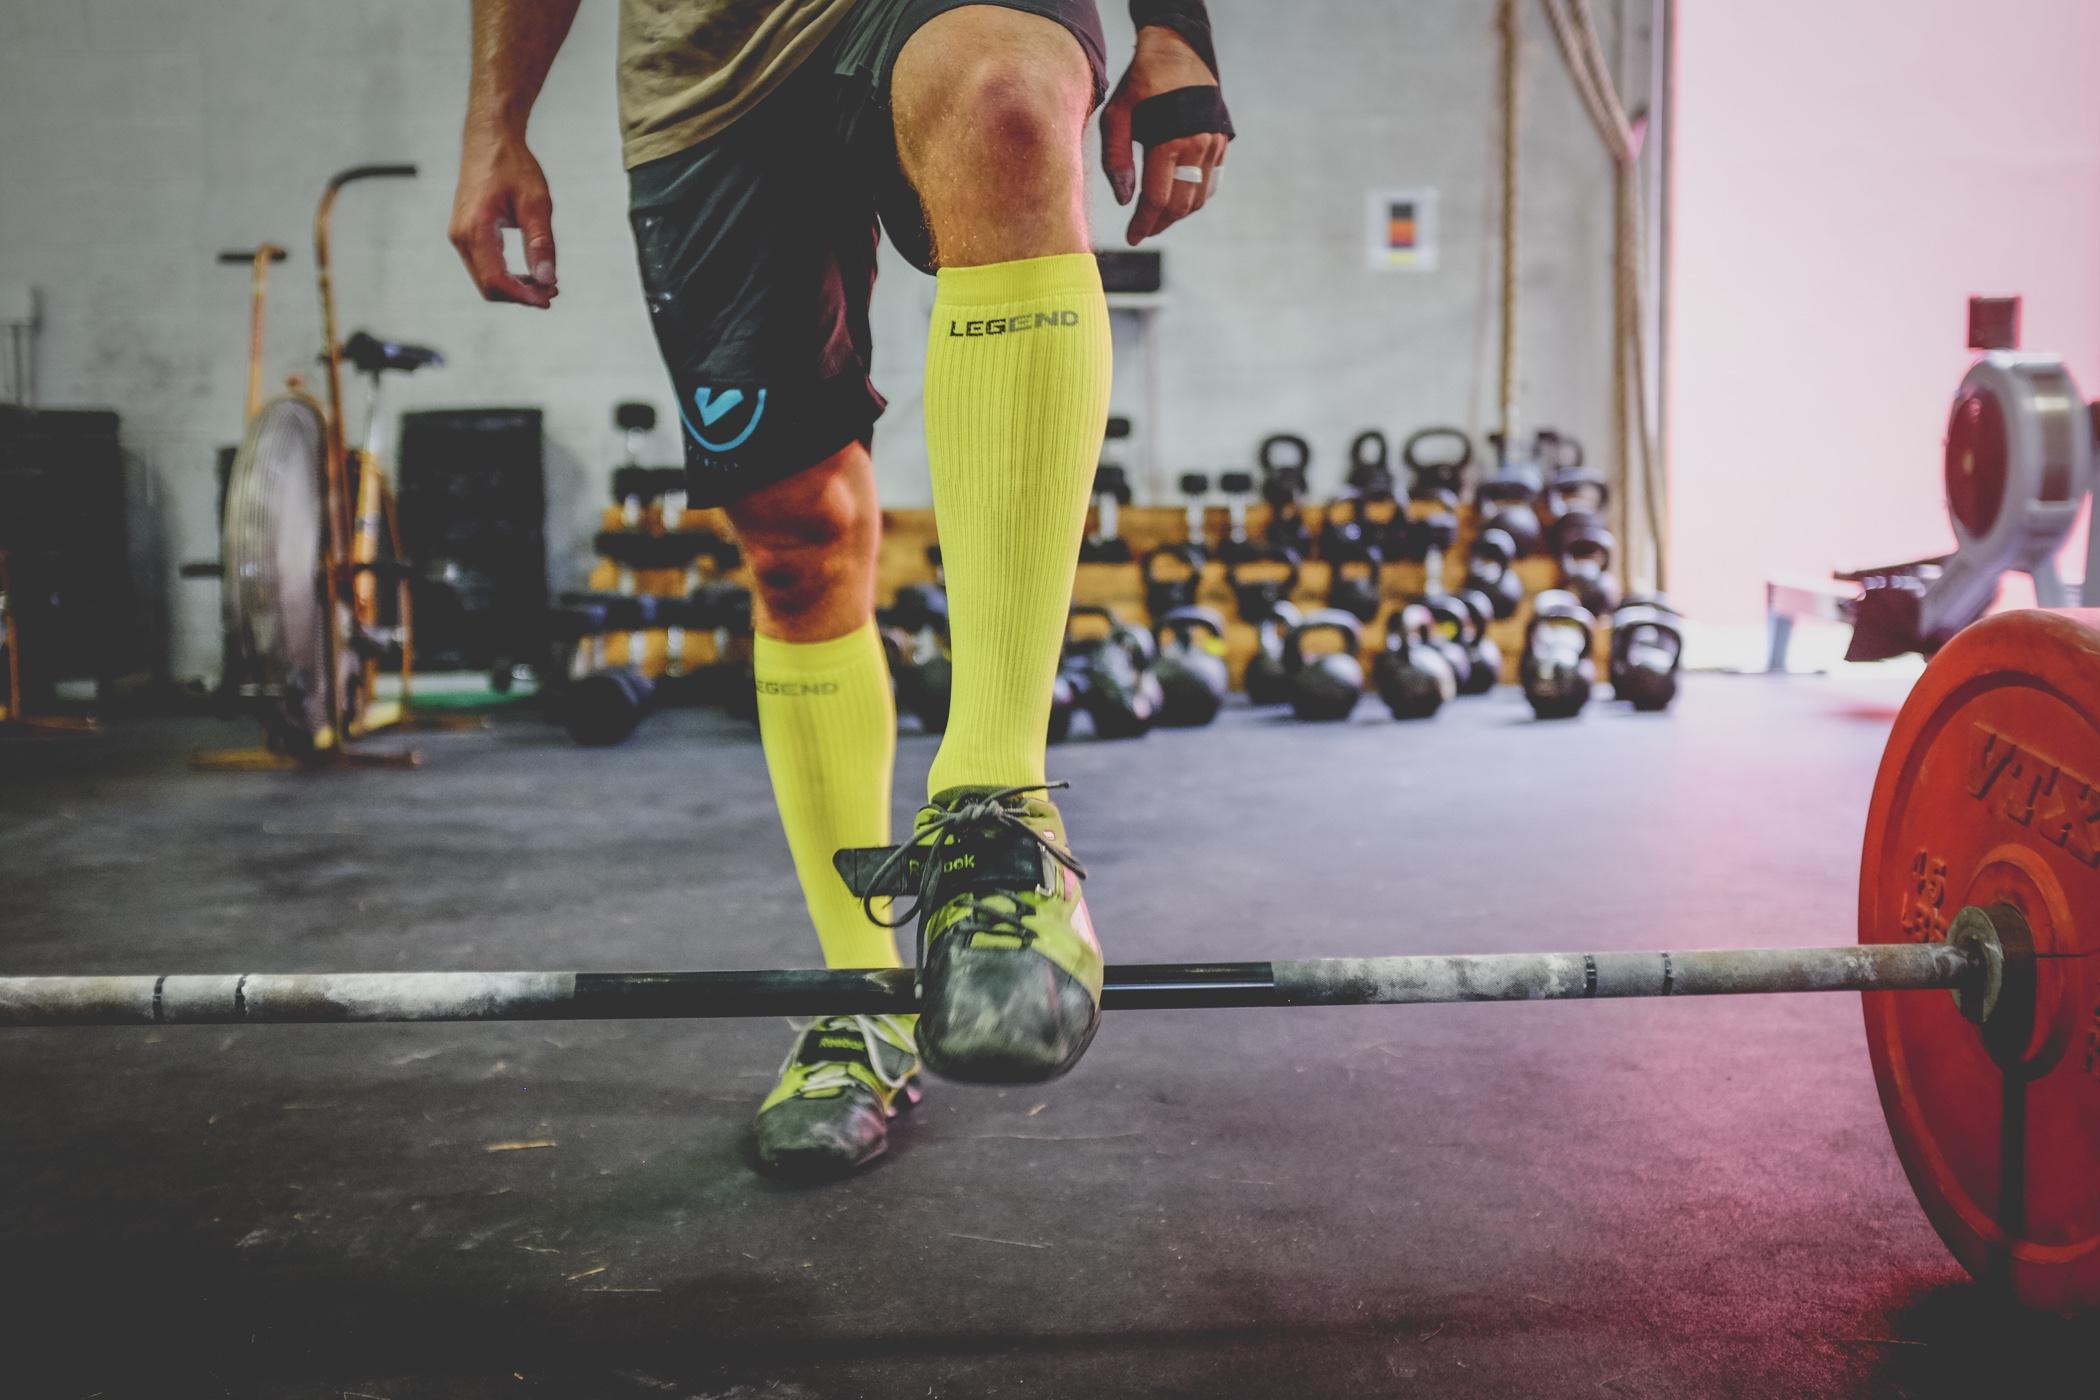 Compression, puissance, performance : les avantages de l'équipement de compression pour les CrossFitters